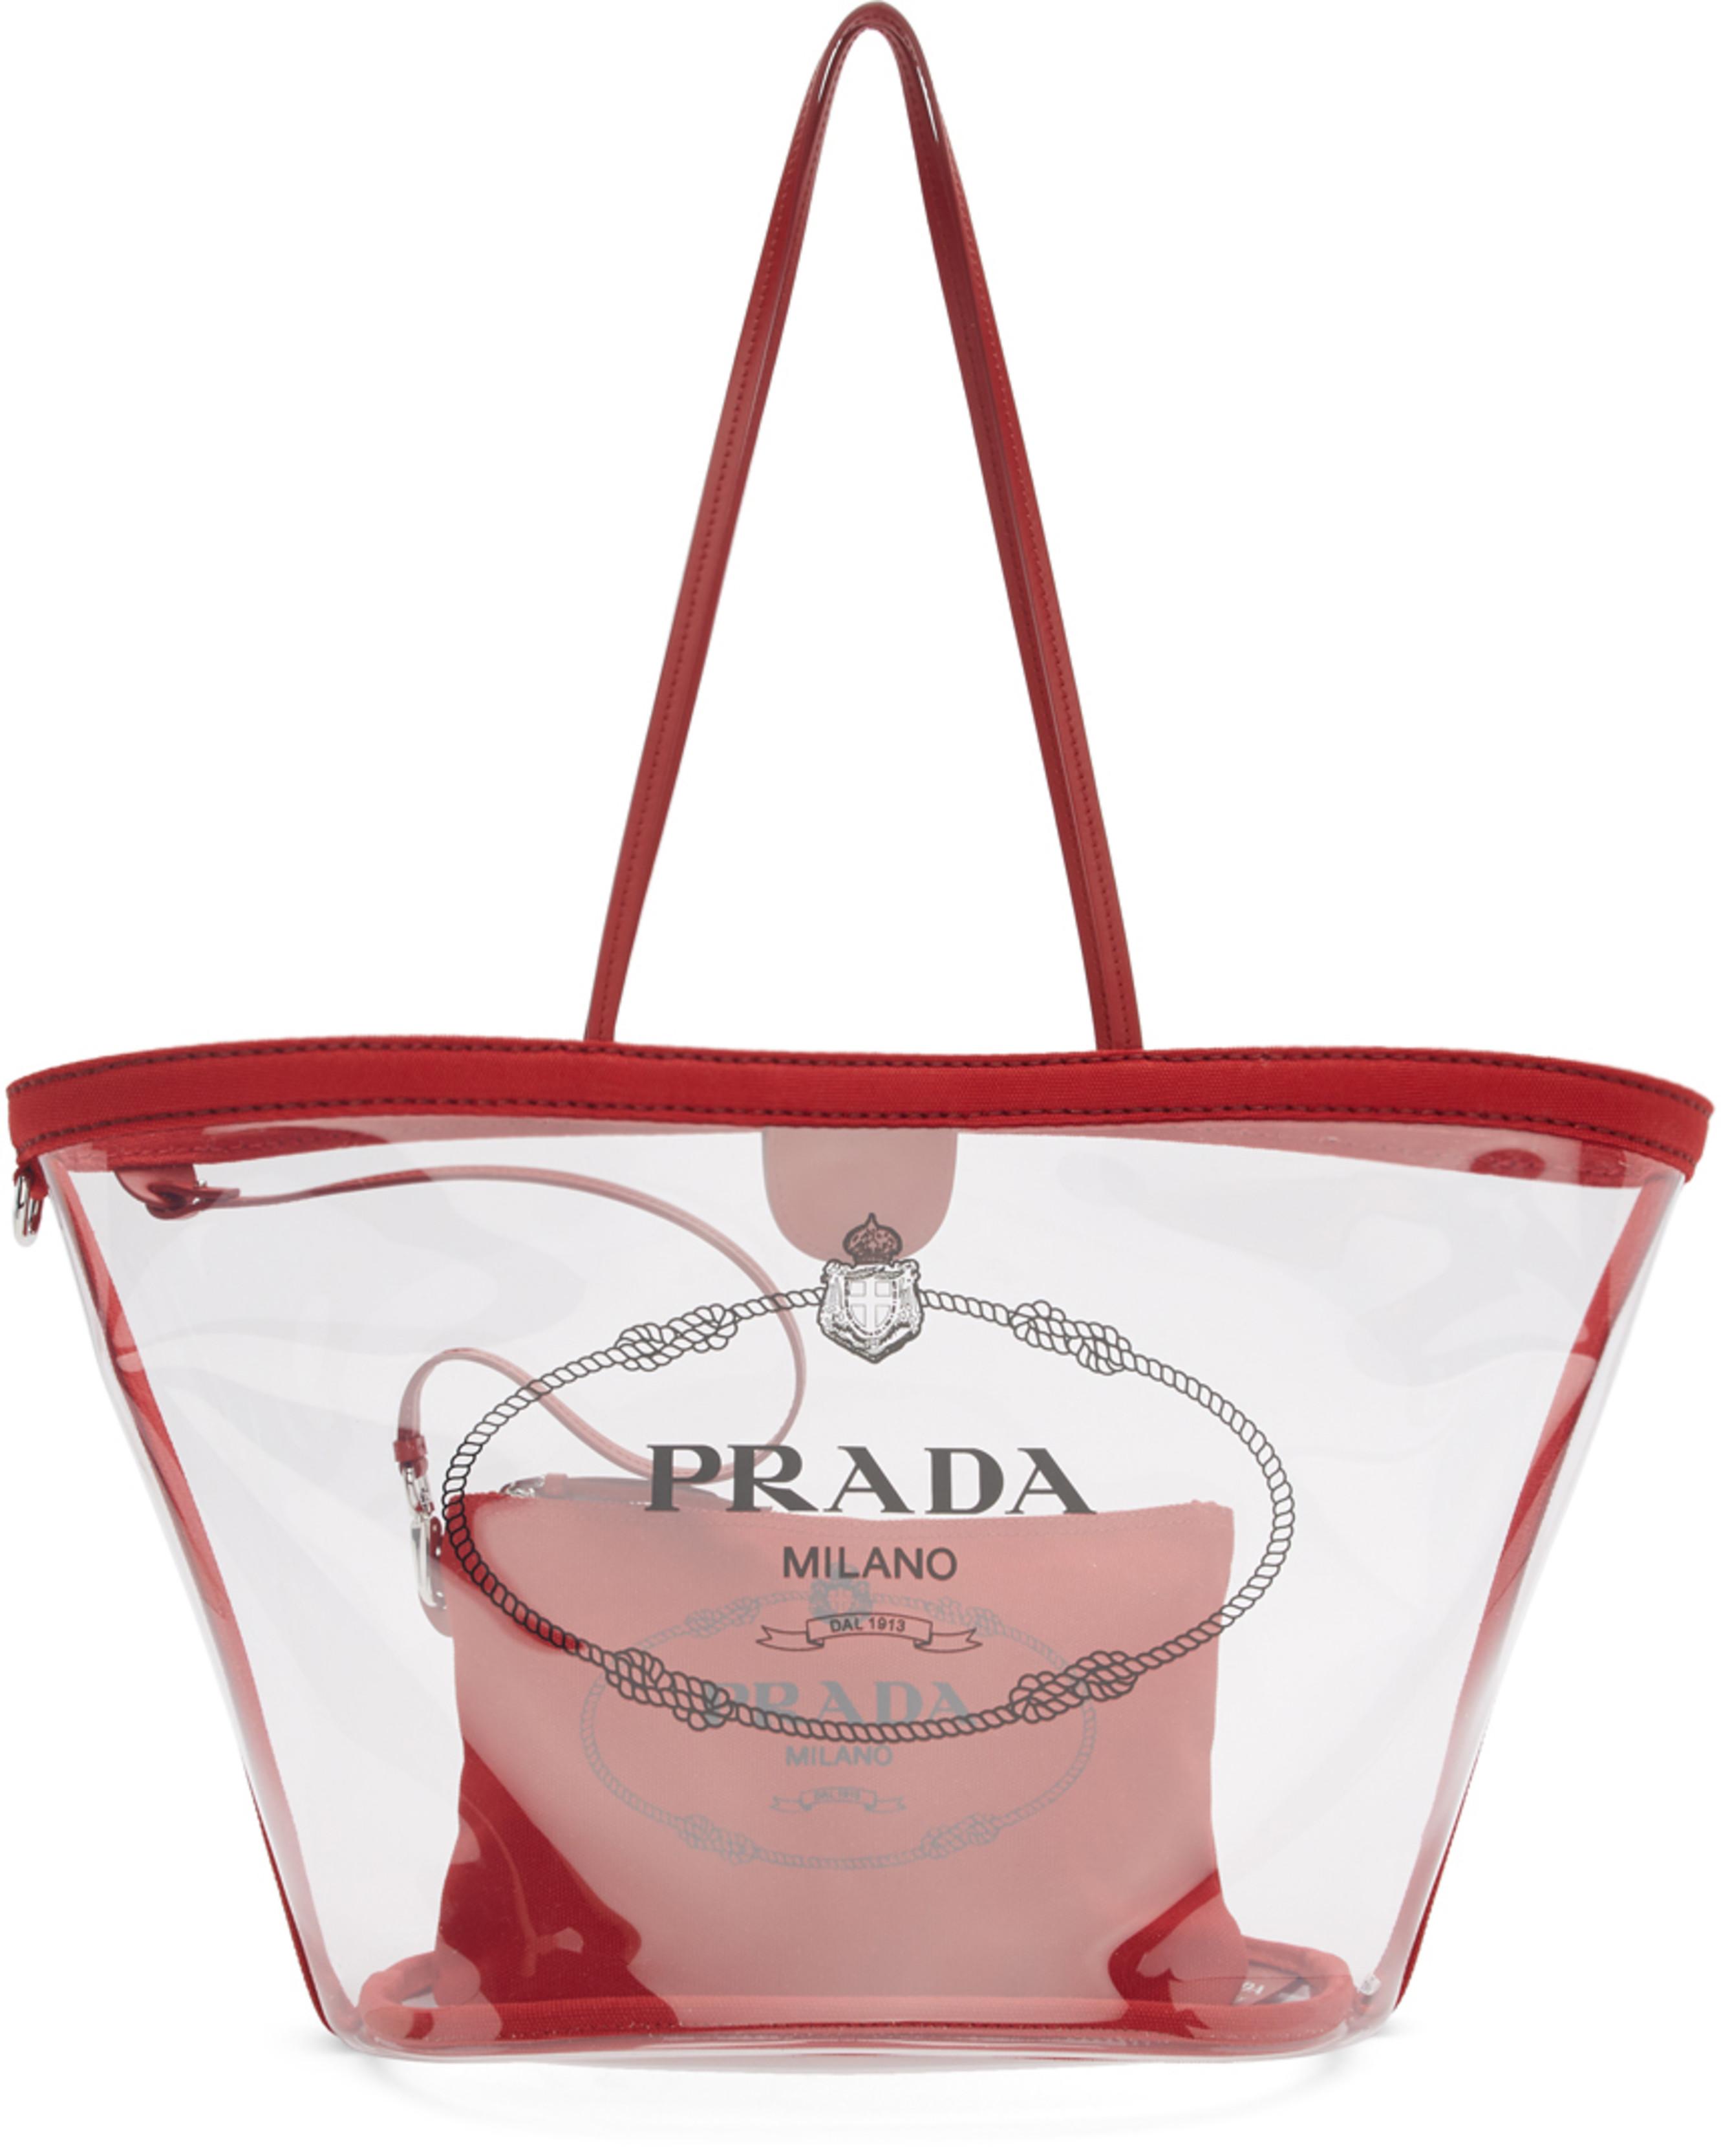 24c180b6b1eb Prada bags for Women | SSENSE